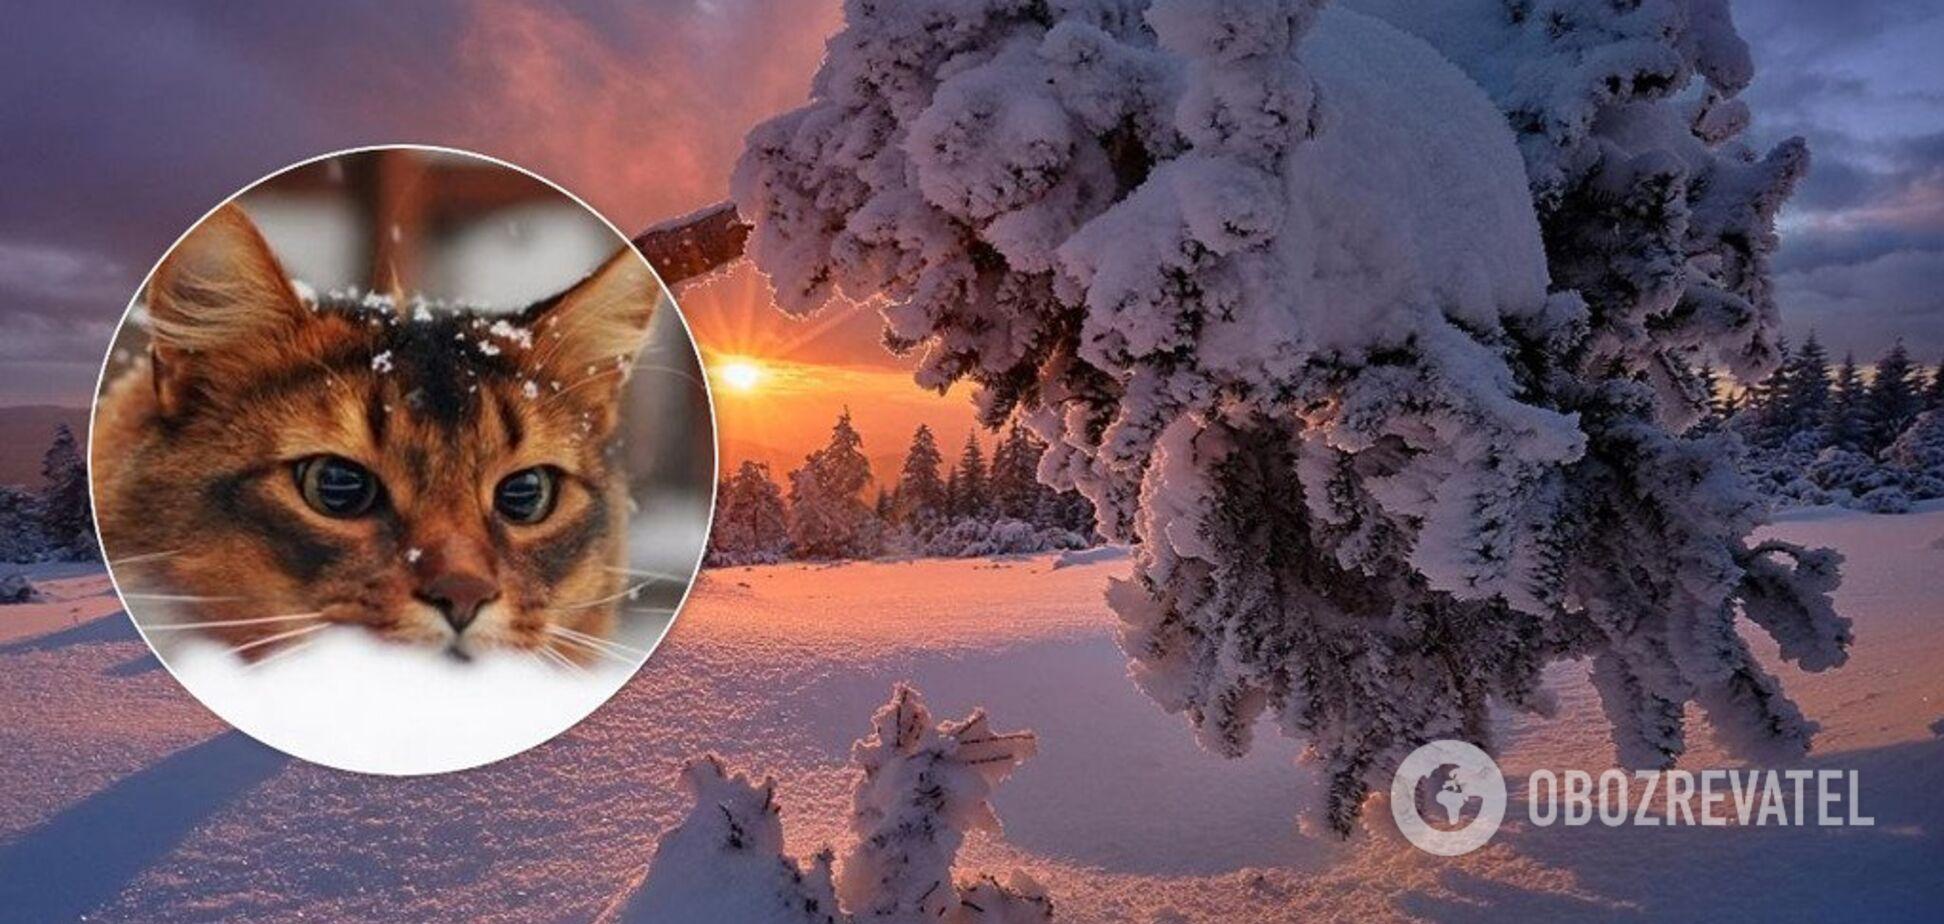 Сразу начнется зима: синоптик рассказал о погодной аномалии в Украине